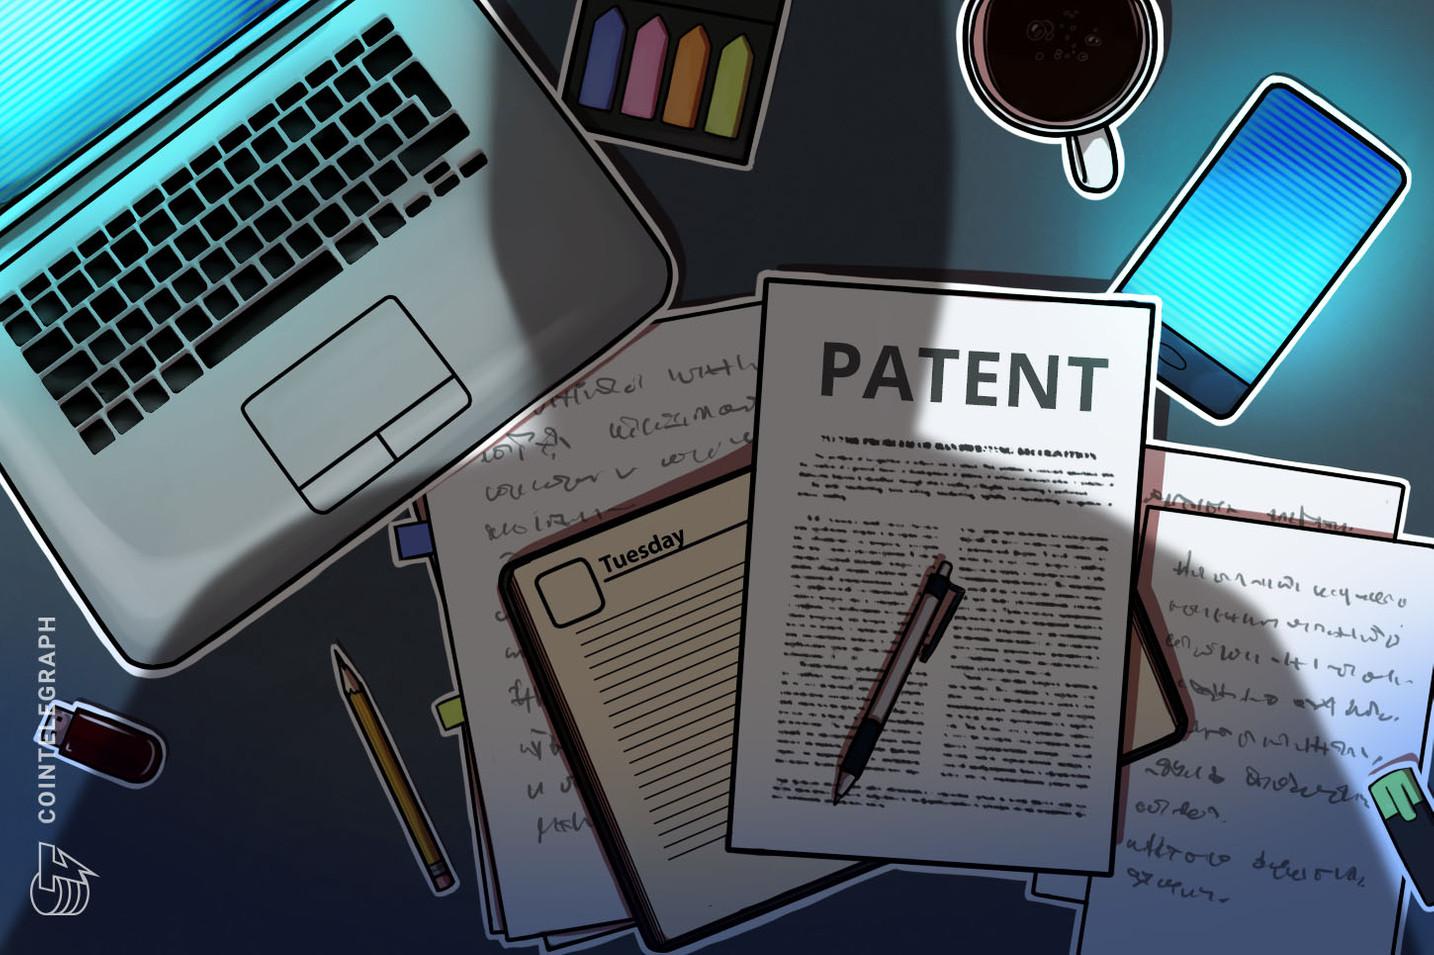 Square de Jack Dorsey obtiene patente para los intercambios de cripto a fiat en tiempo real